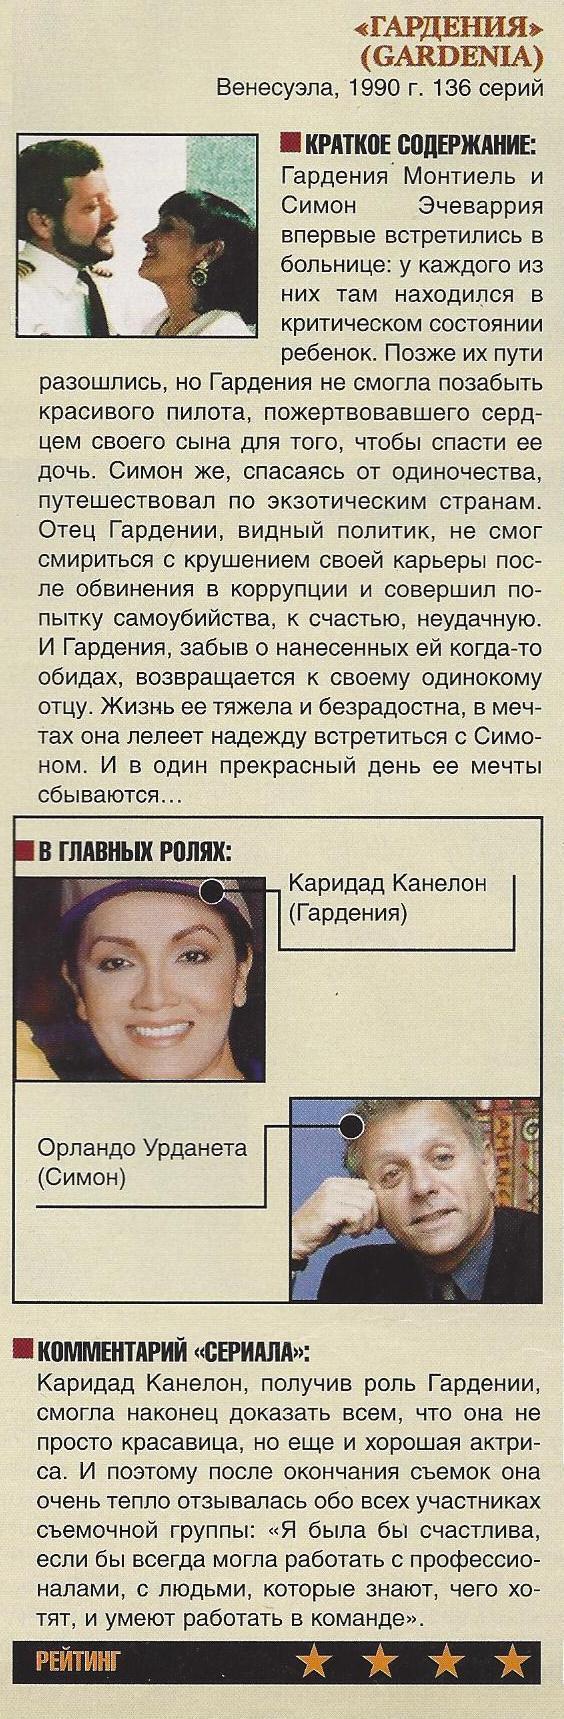 http://s1.uploads.ru/t/FSkMB.jpg